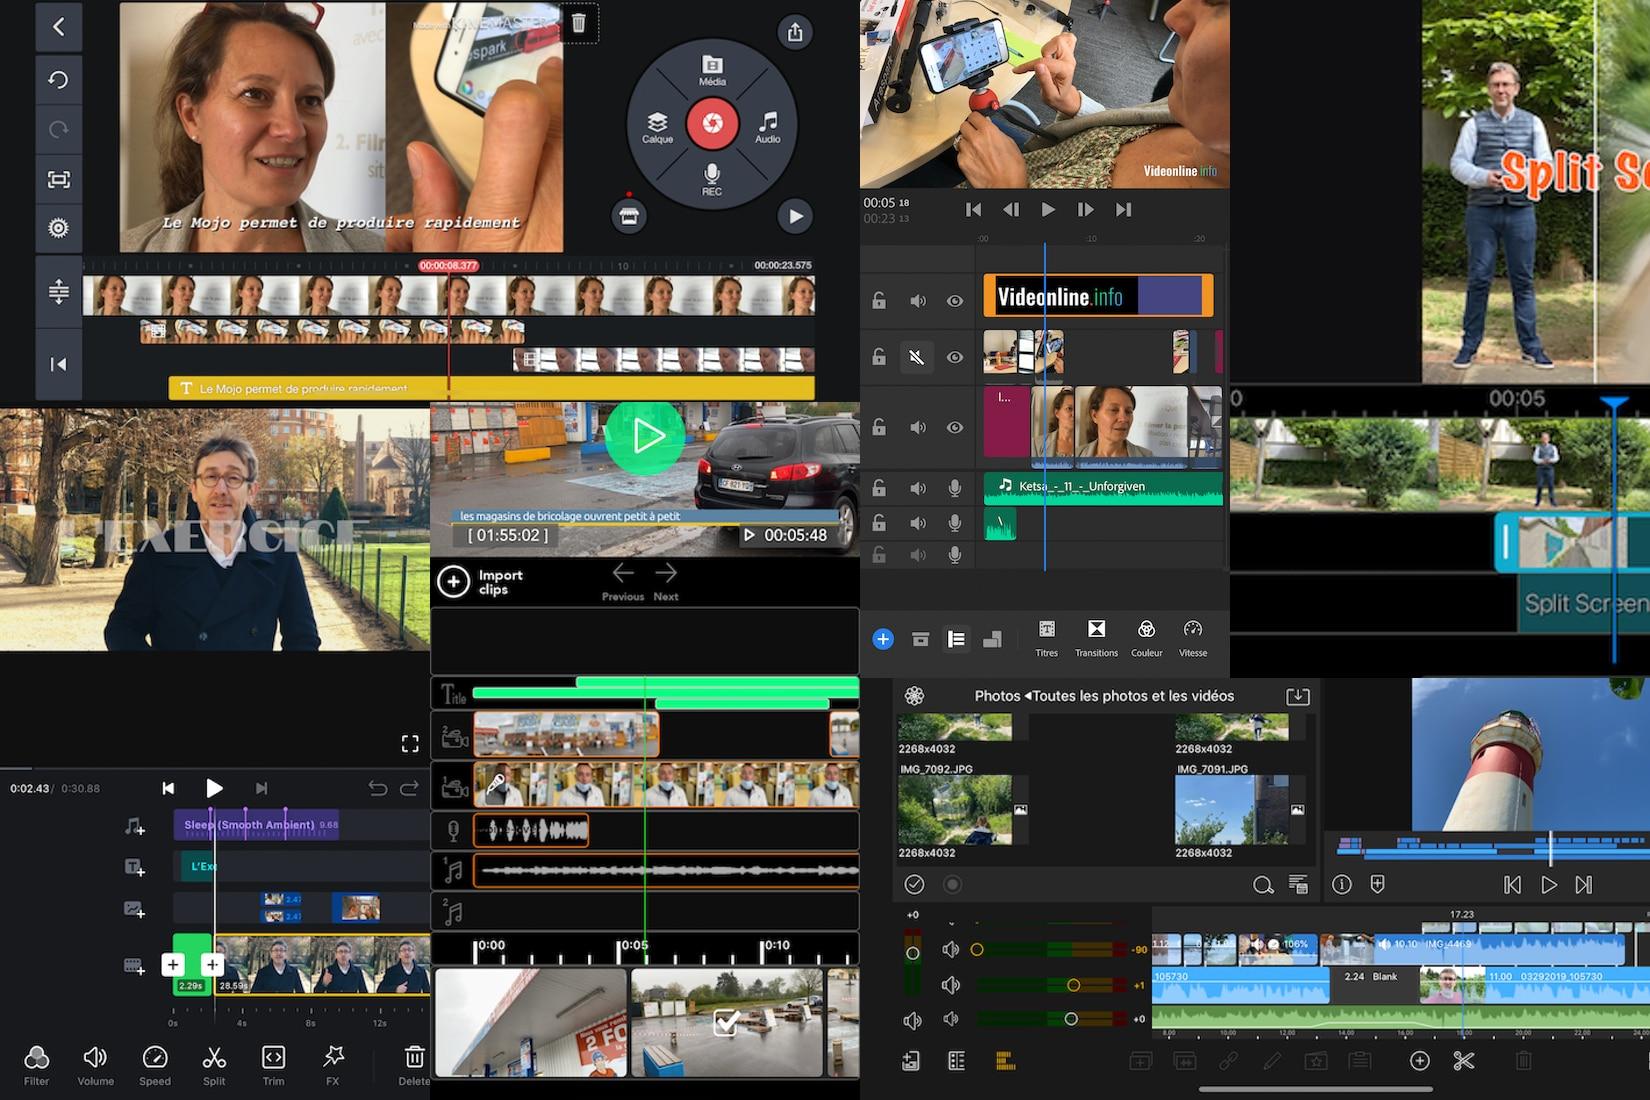 Les 6 Meilleures Applis De Montage Video Pro Sur Smartphone Videonline Info